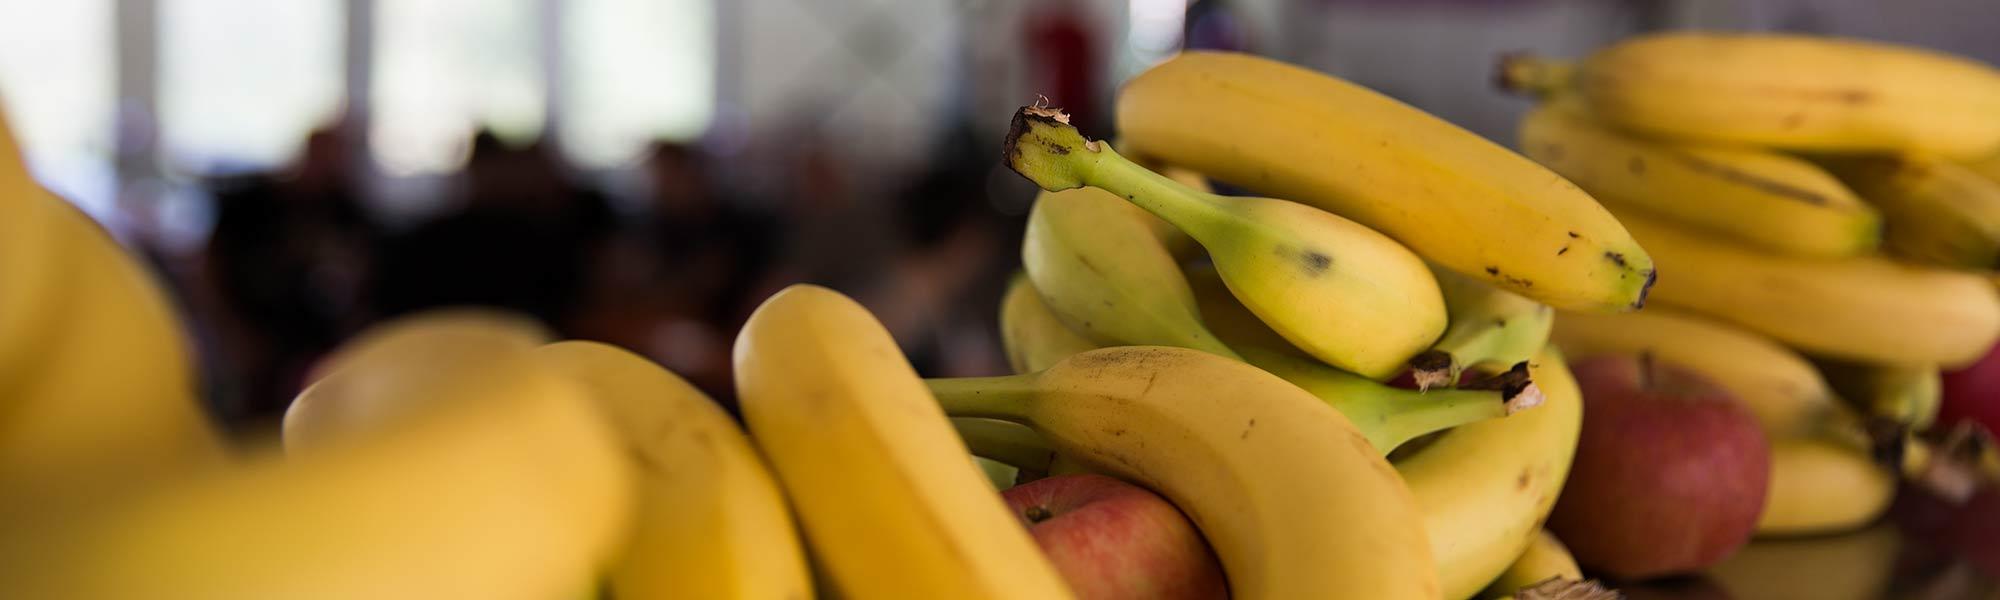 Esst mehr Obst © elmar.pics